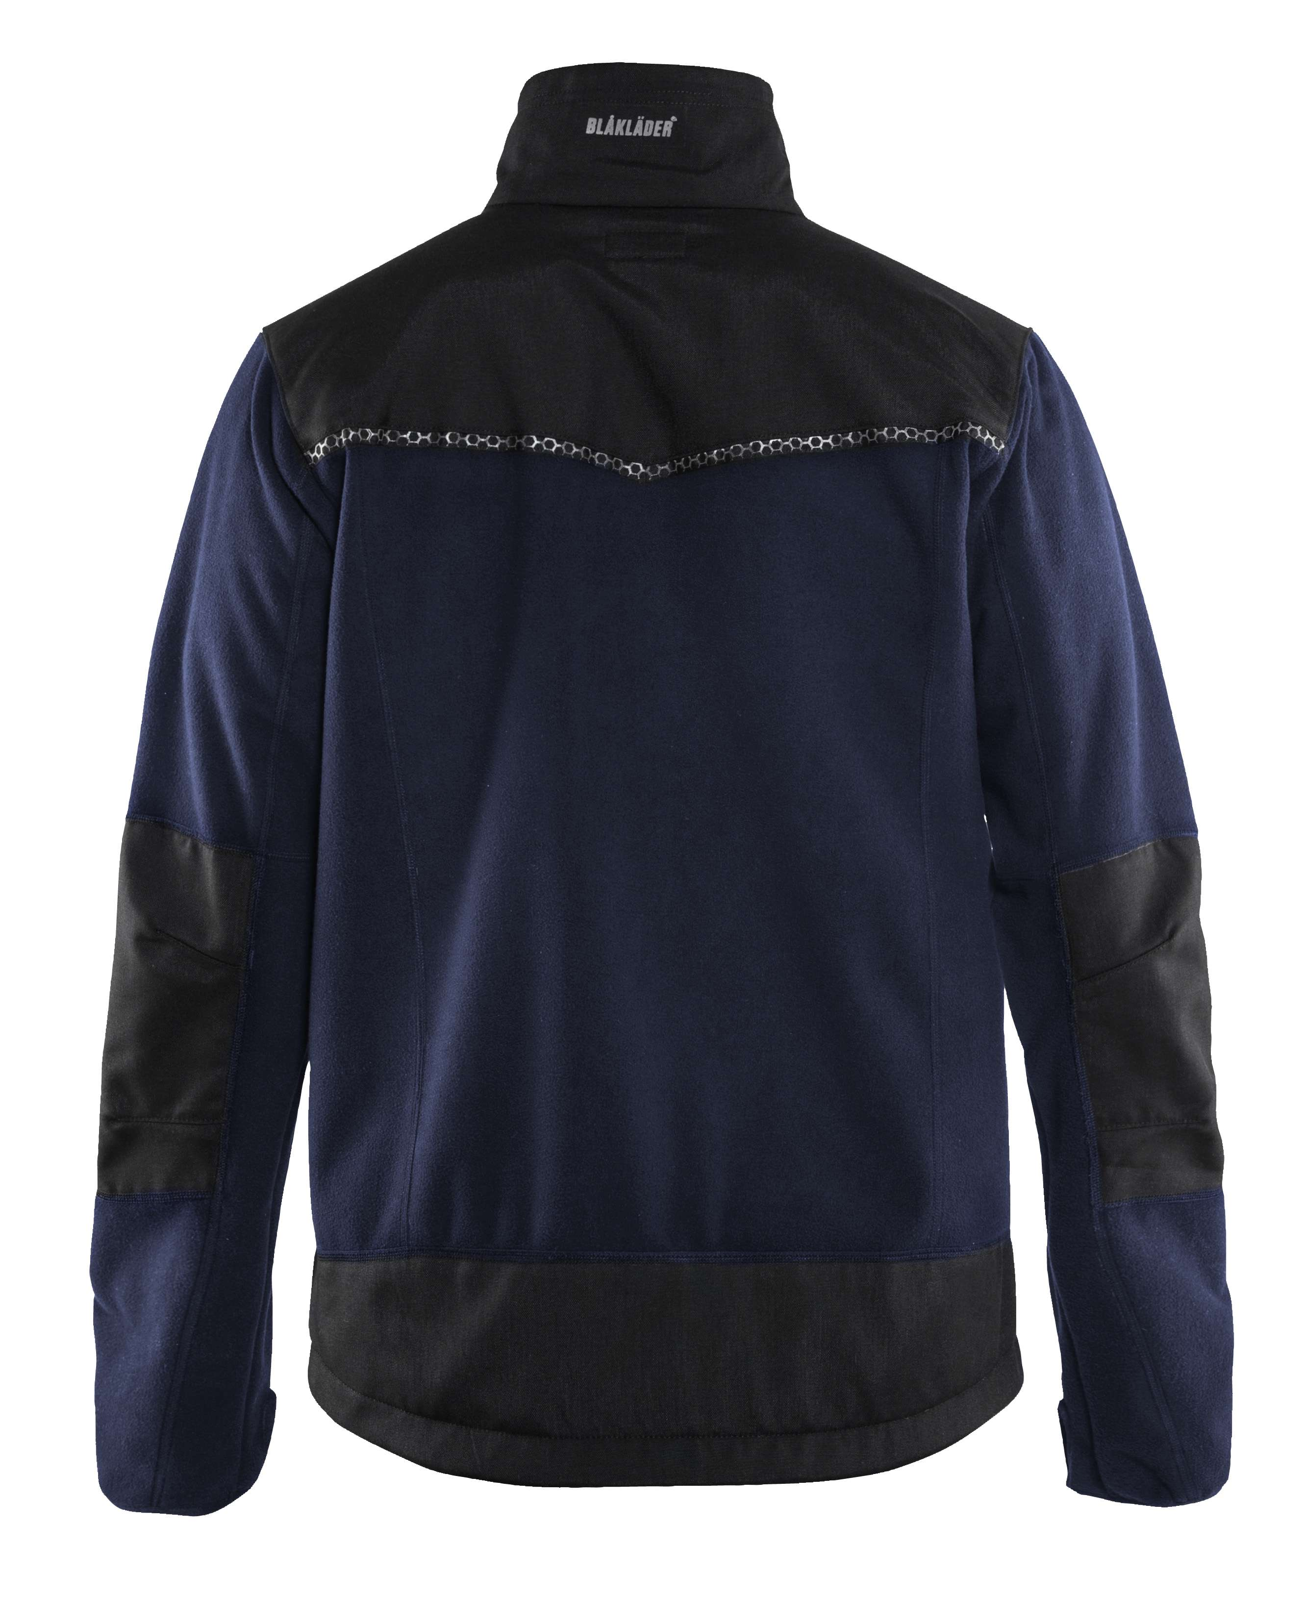 Blaklader Jassen 49552524 marineblauw-zwart(8999)